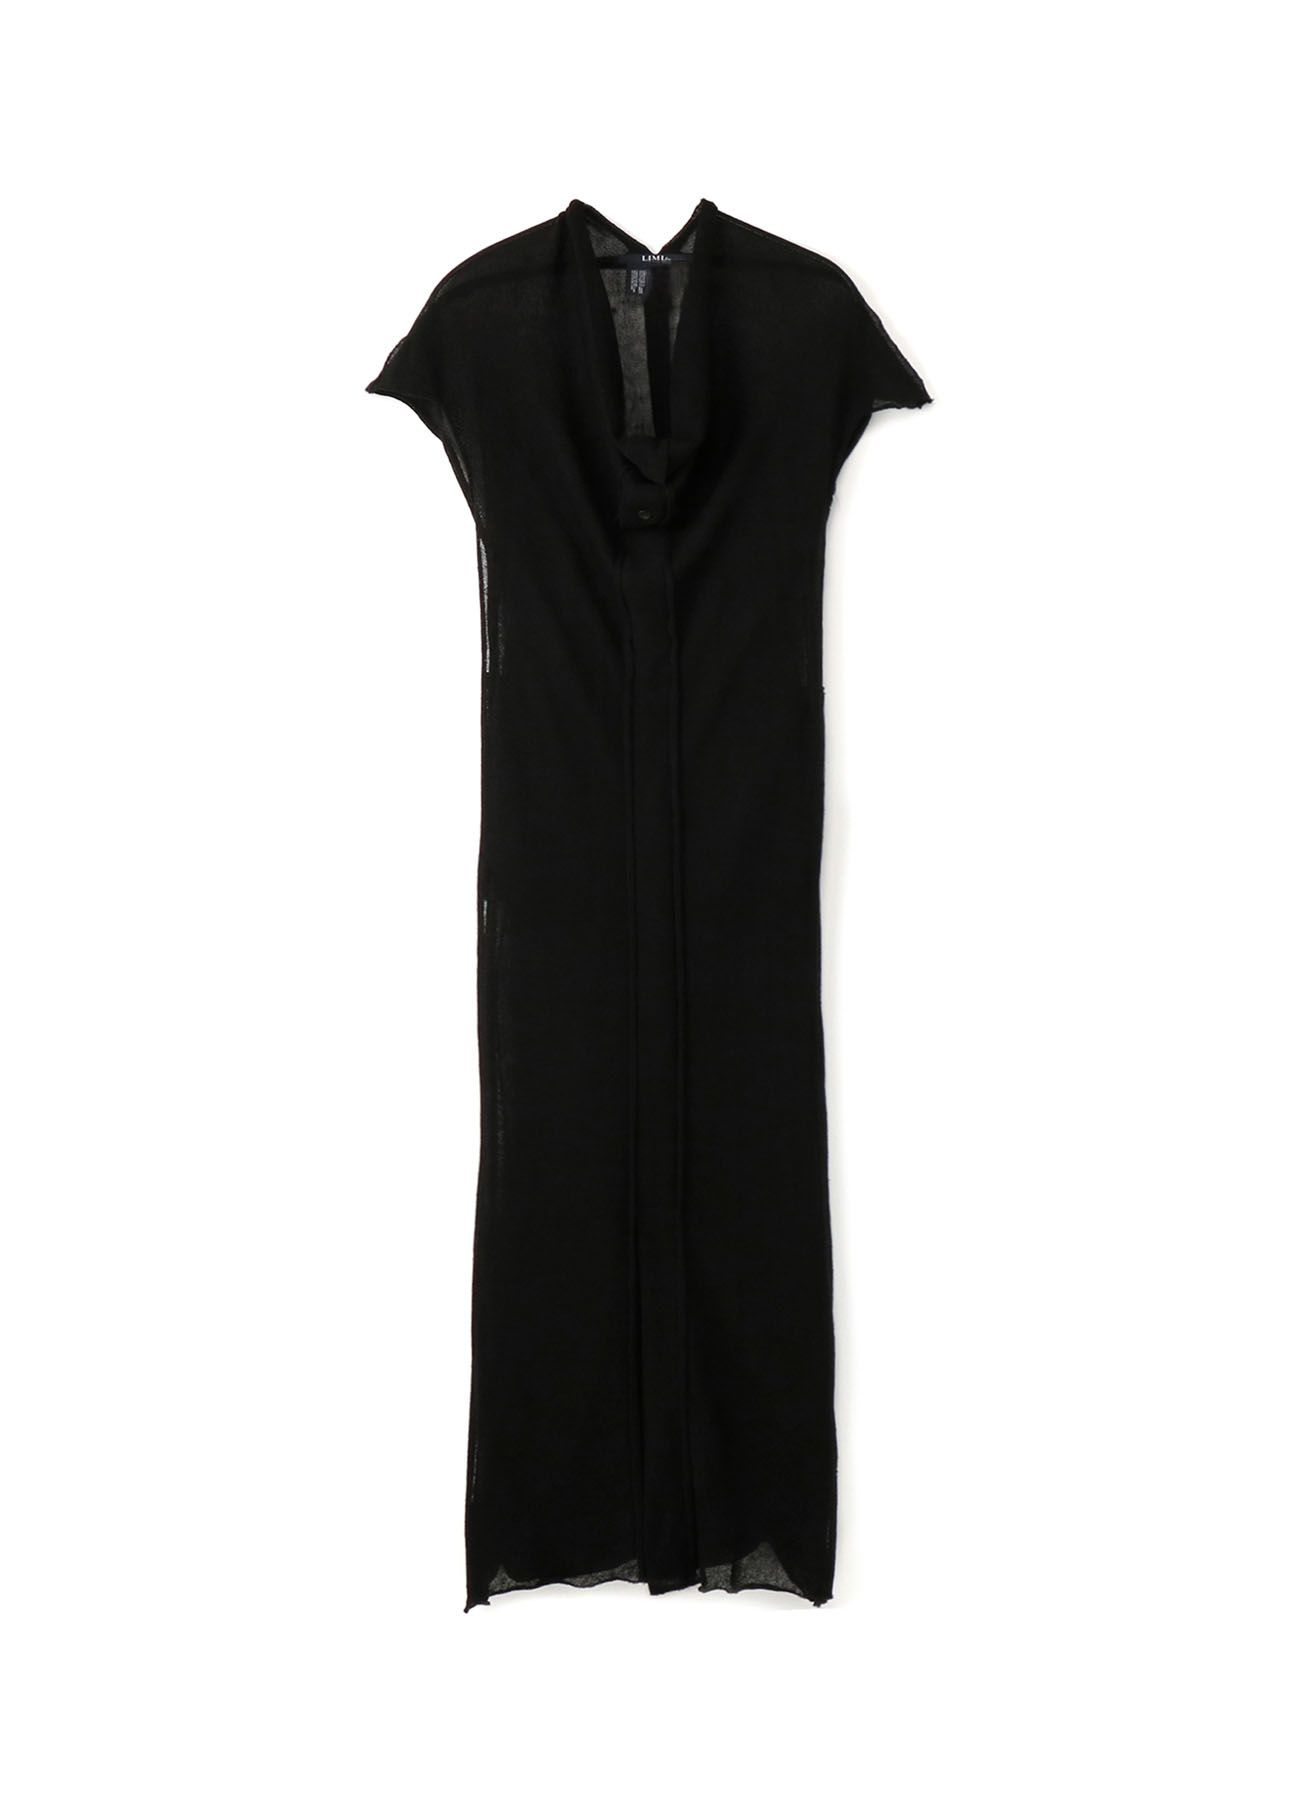 Li/Pe Knitted Plain Stitch High Neck Dress